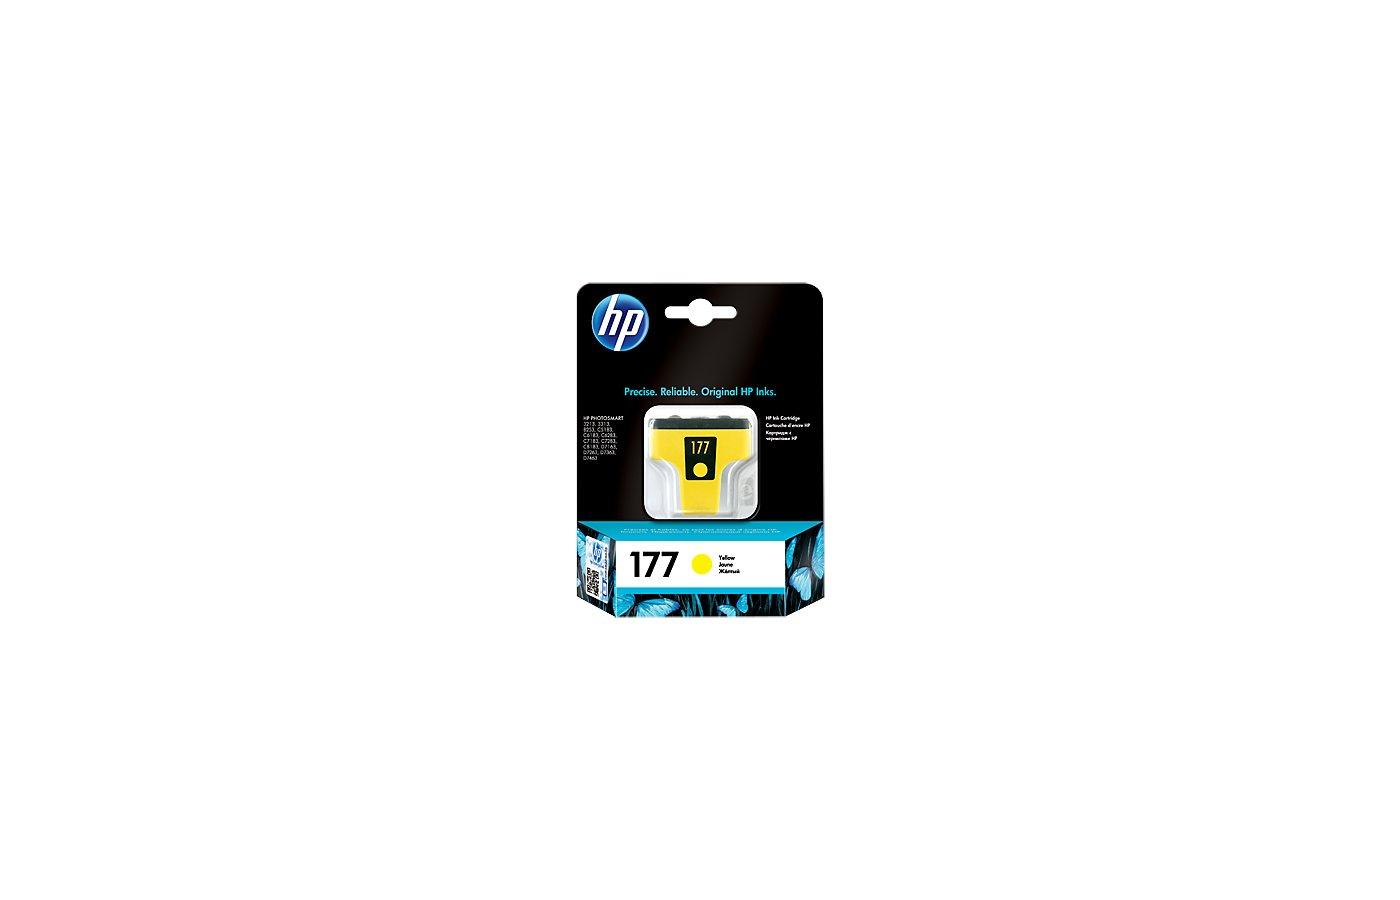 Картридж струйный HP 177 C8773HE желтый для HP 3313/C5183/C6183/C7183/D7163/8253 (500стр.)